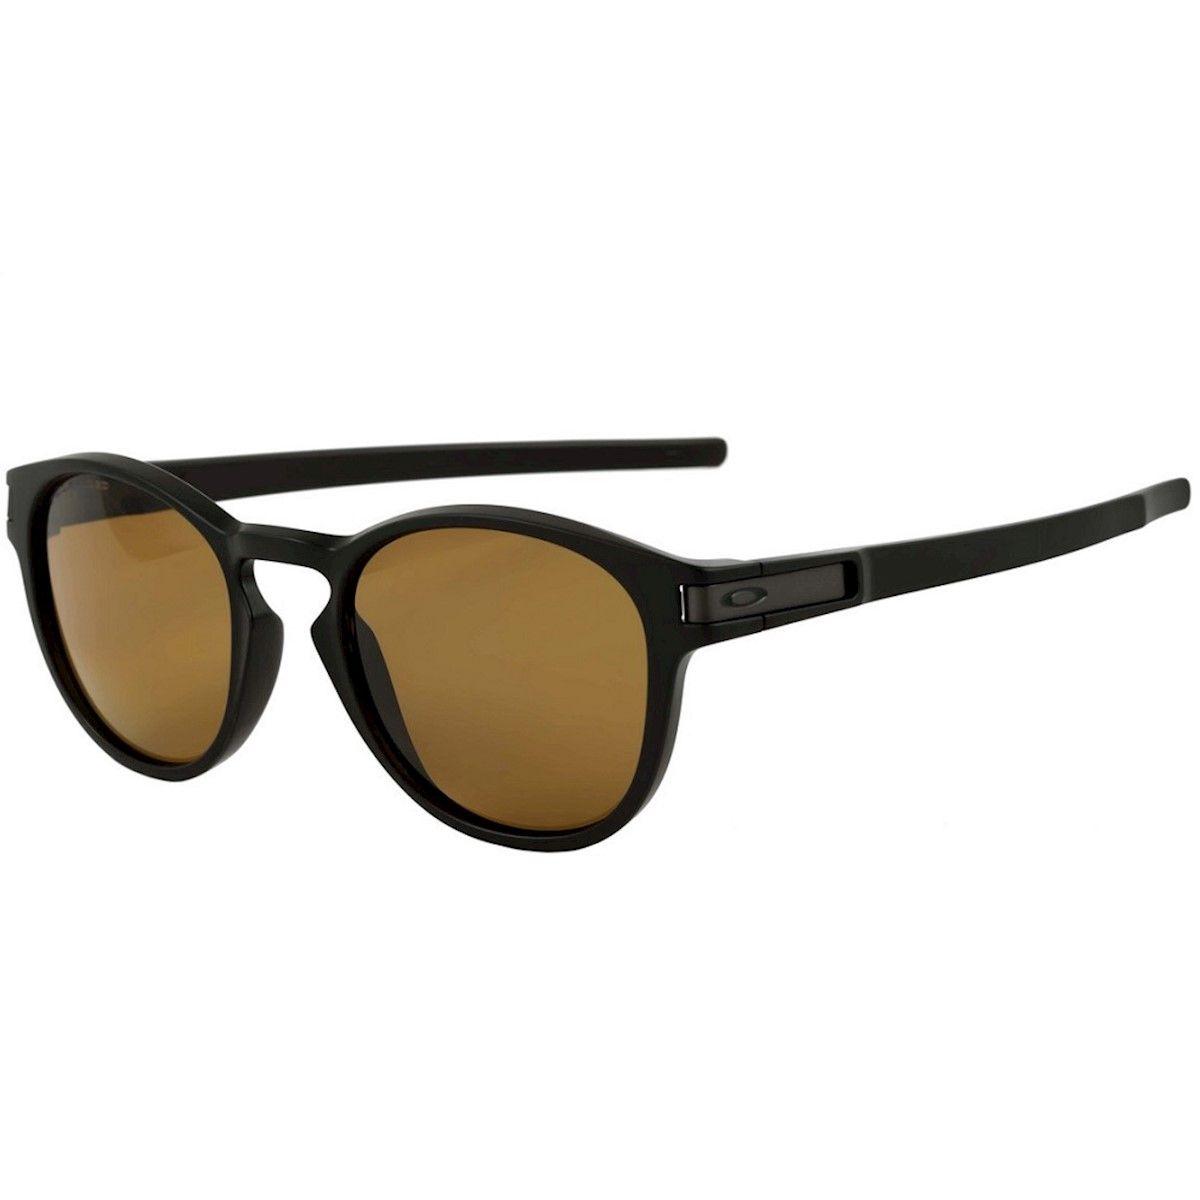 O famoso óculos holbrook da oakley tem armação em acetato transparente  preto, moderno e esportivo, que combina com seu estilo aventure…   Óculos  de Sol 4c8b4fa538